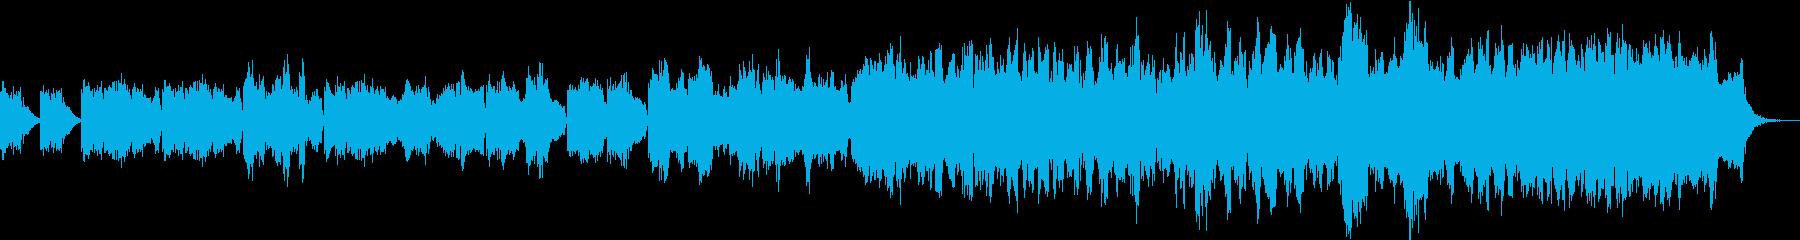 厳かで寂しげなBGM2 ループの再生済みの波形